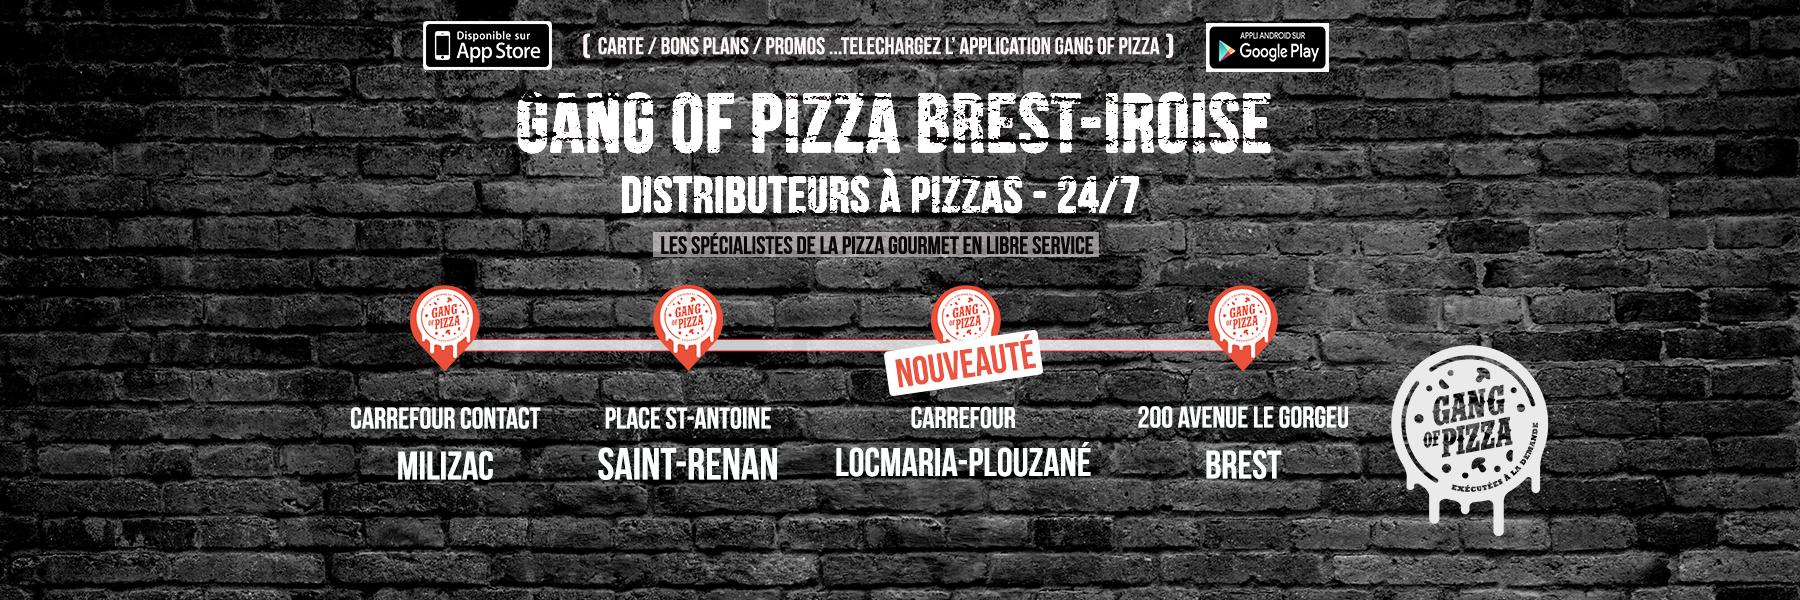 gang-of-pizza-debarque-a-brest-iroise-milizac-saint-renan-locmaria-plouzane-brest-pizza-gourmet-pizzas-distributeur-24-7-froide-chaude-30sec-3-minutes-specialiste-de-la-pizza-libre-service